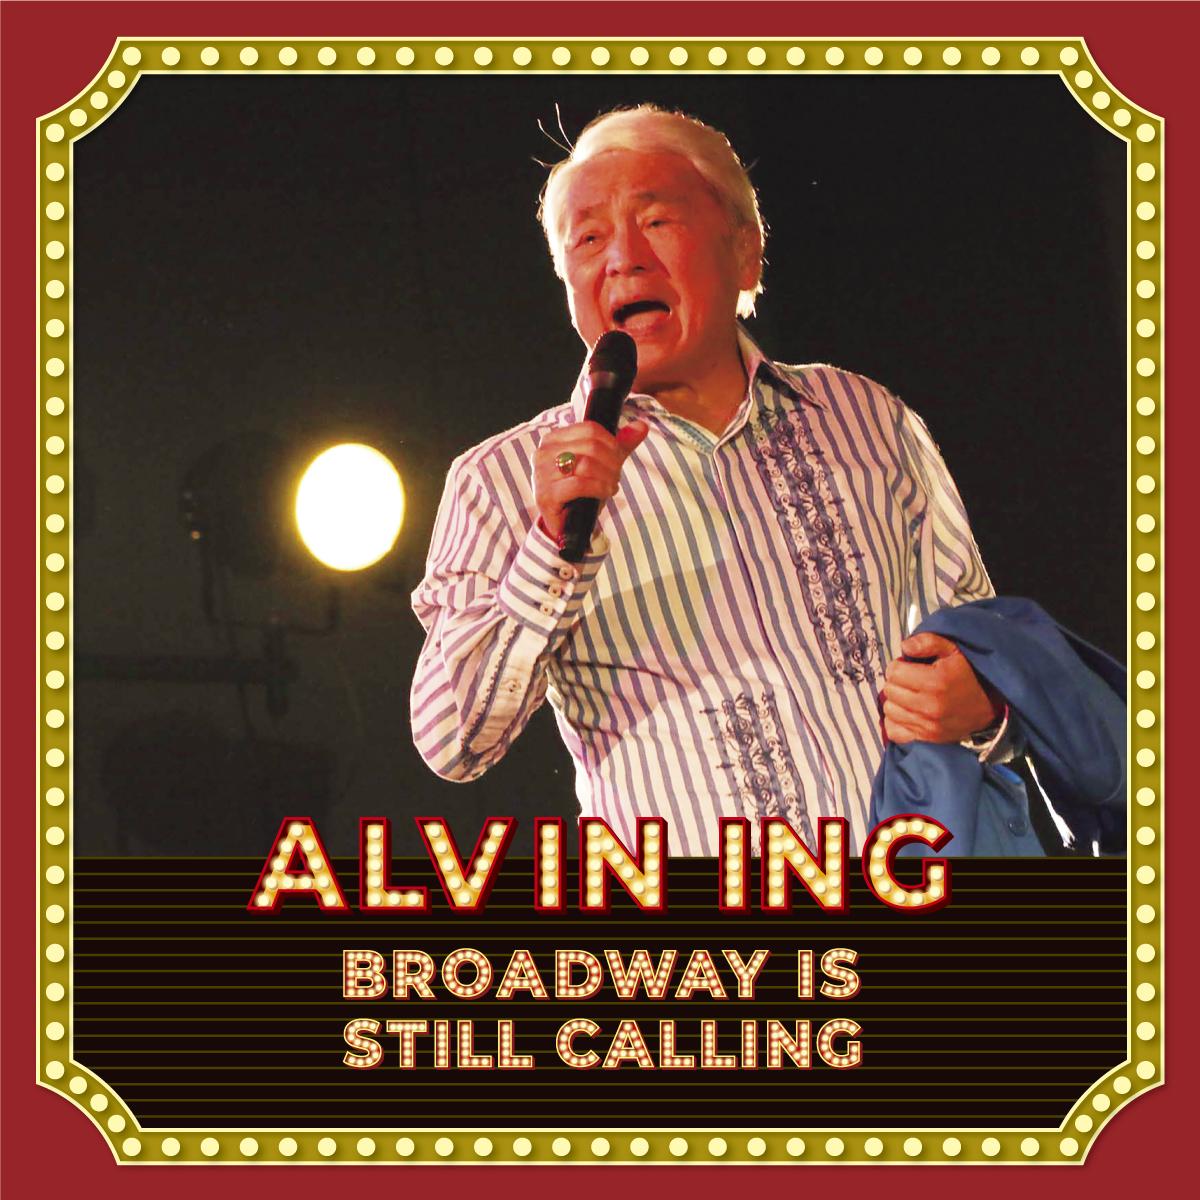 アルビン・イン『Broadway Is Still Calling』